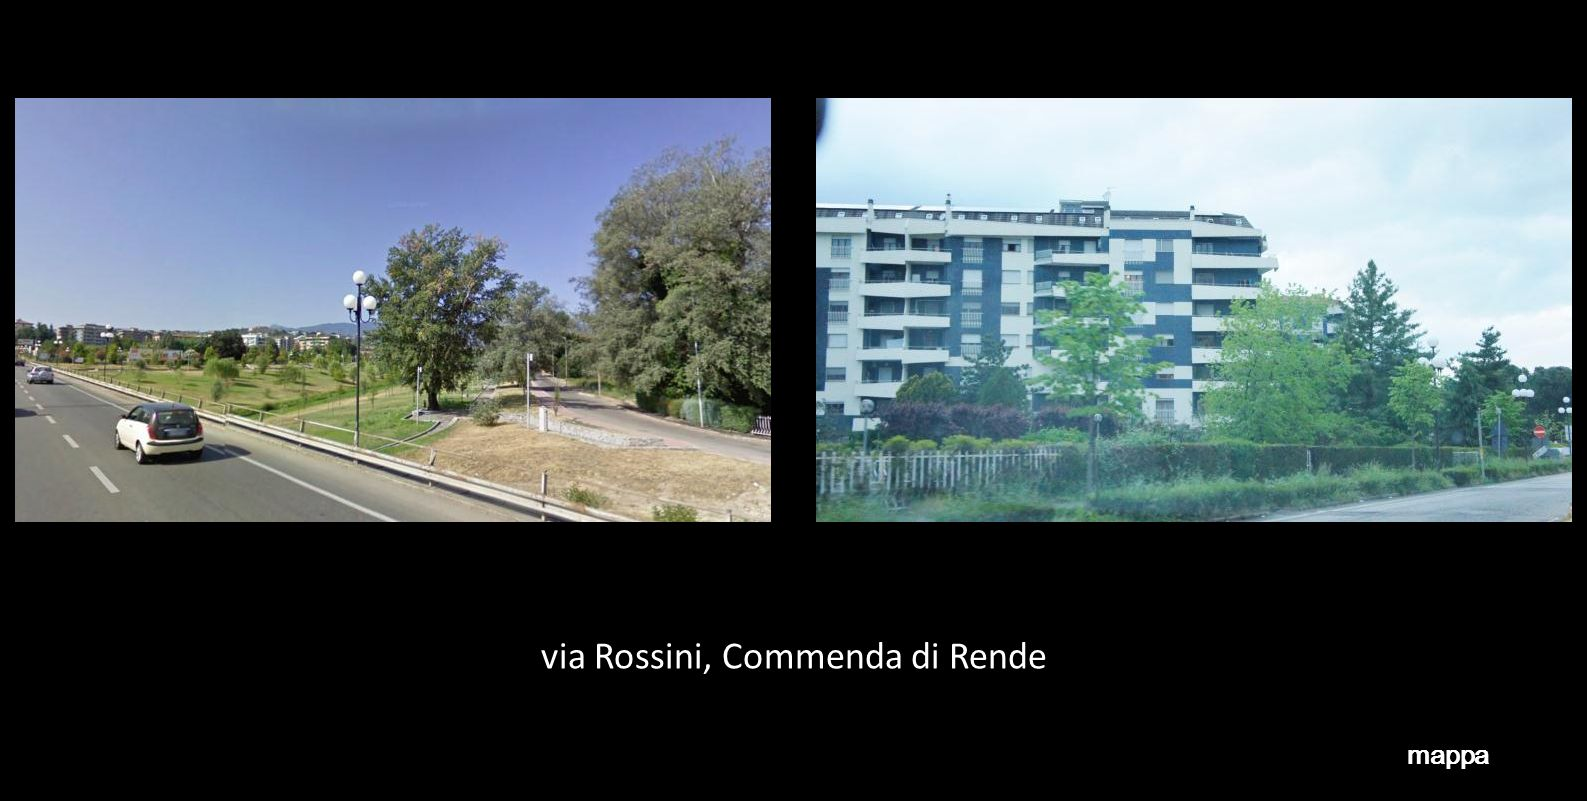 via Rossini, Commenda di Rende mappa